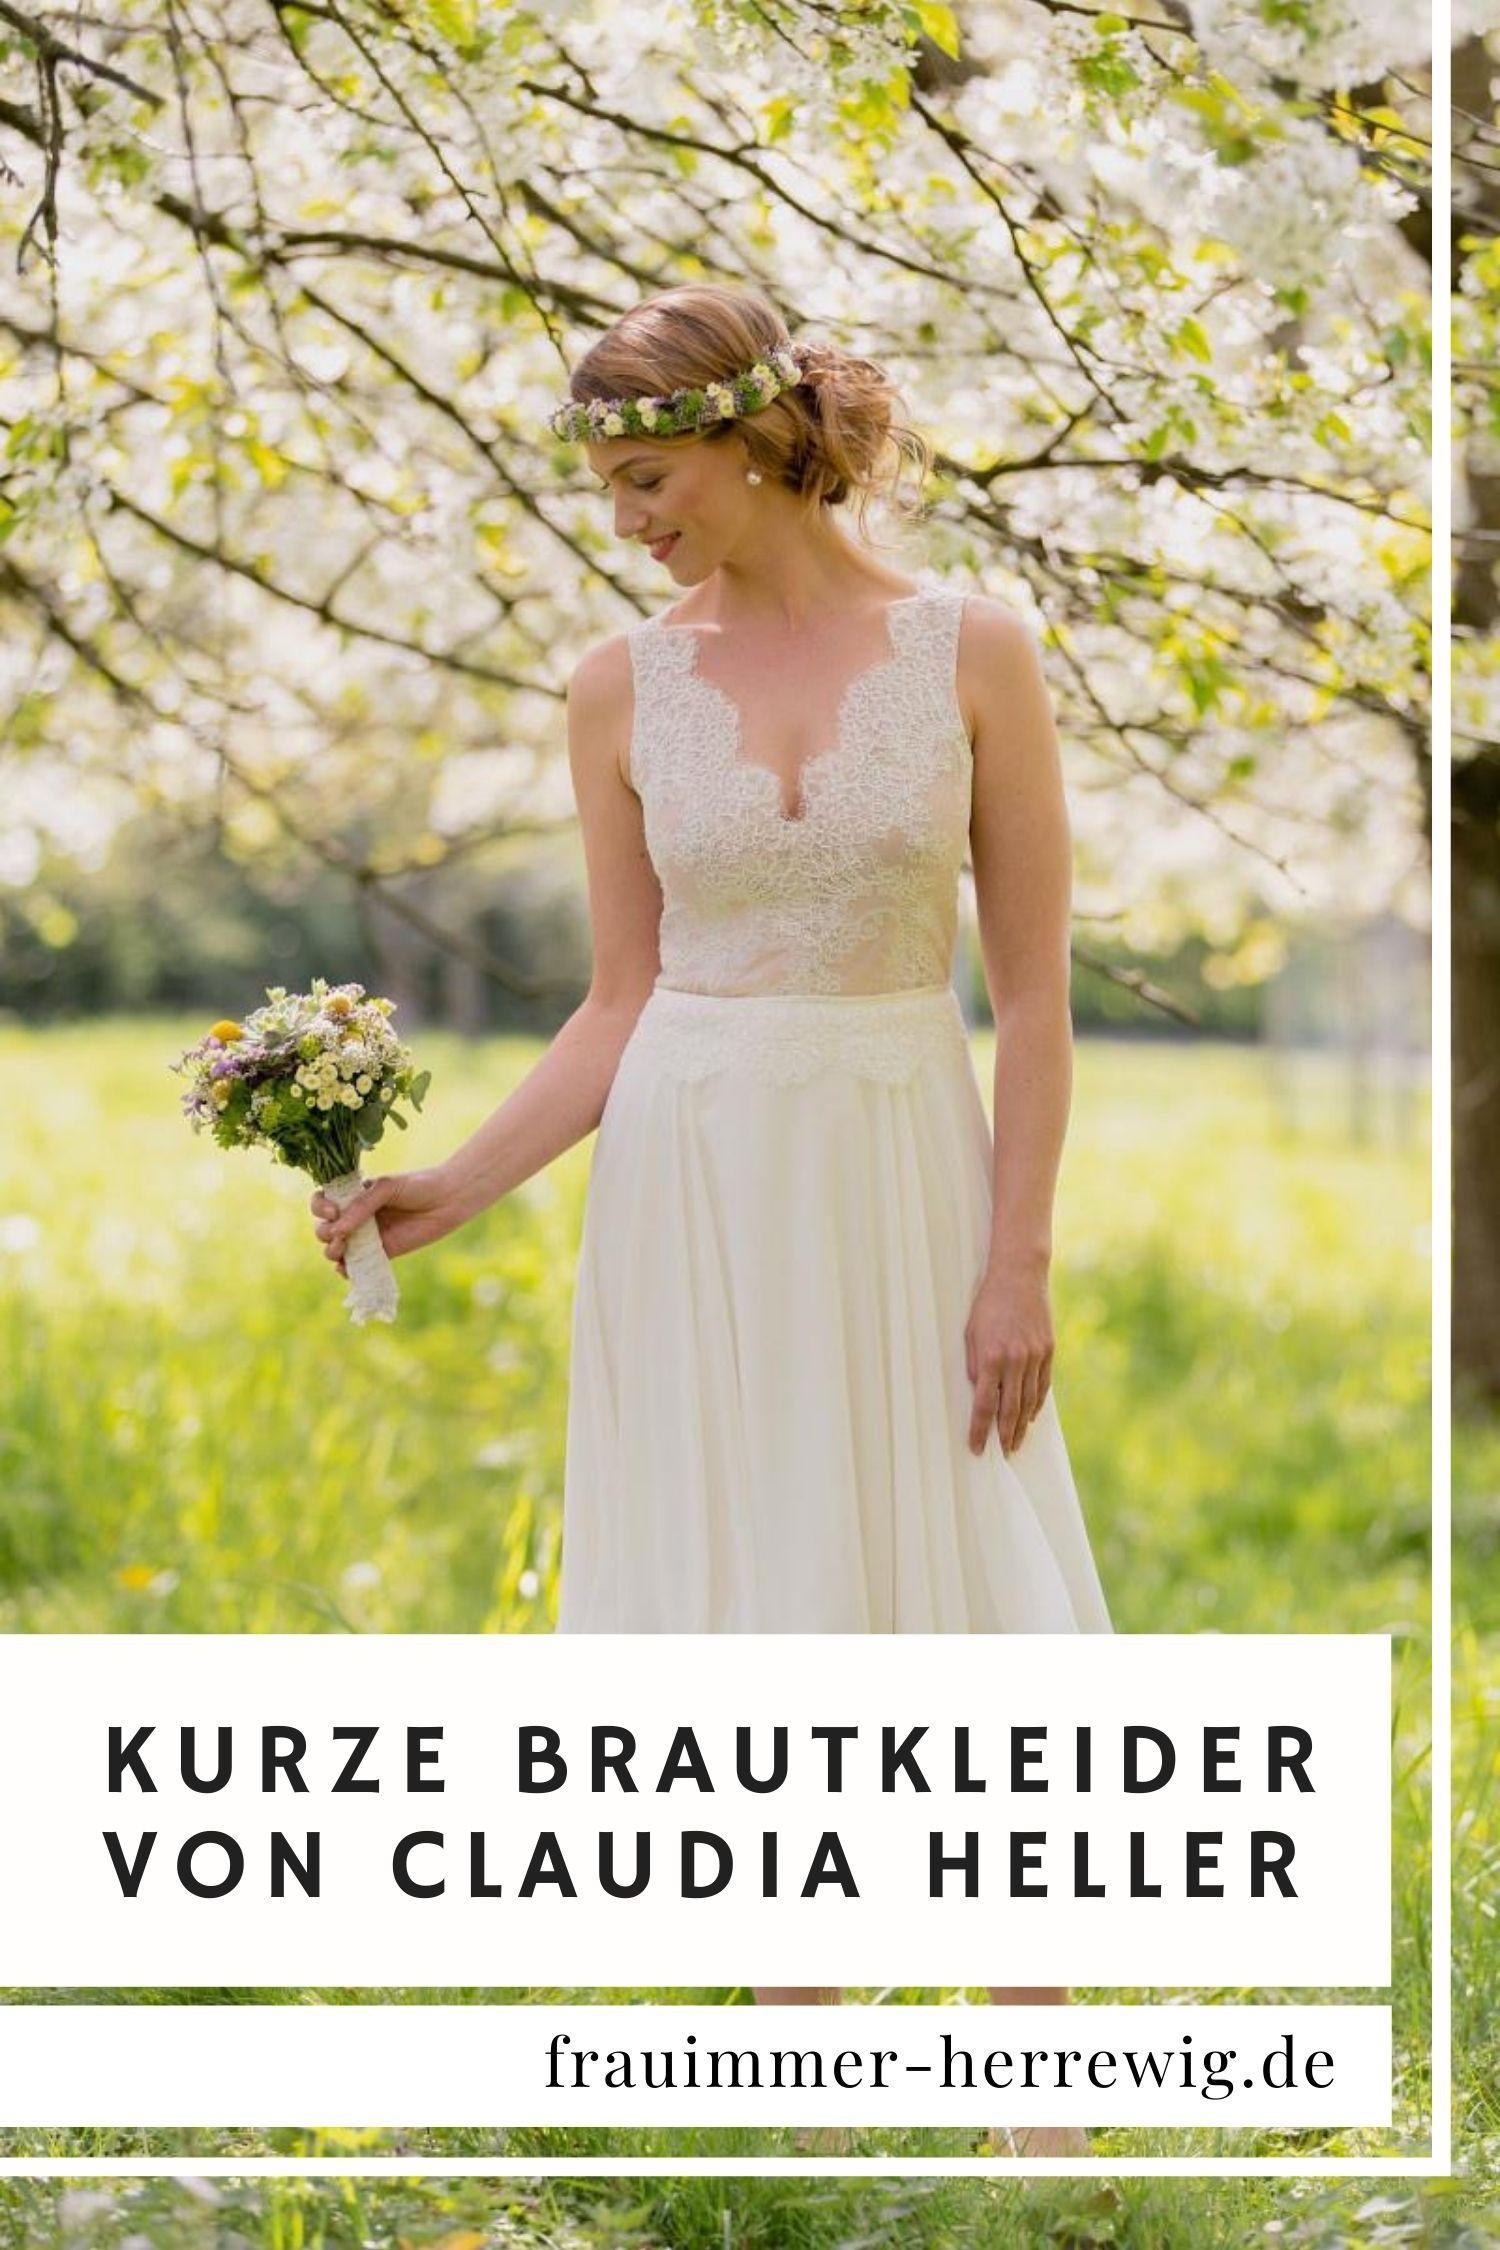 Brautkleider claudia heller – gesehen bei frauimmer-herrewig.de